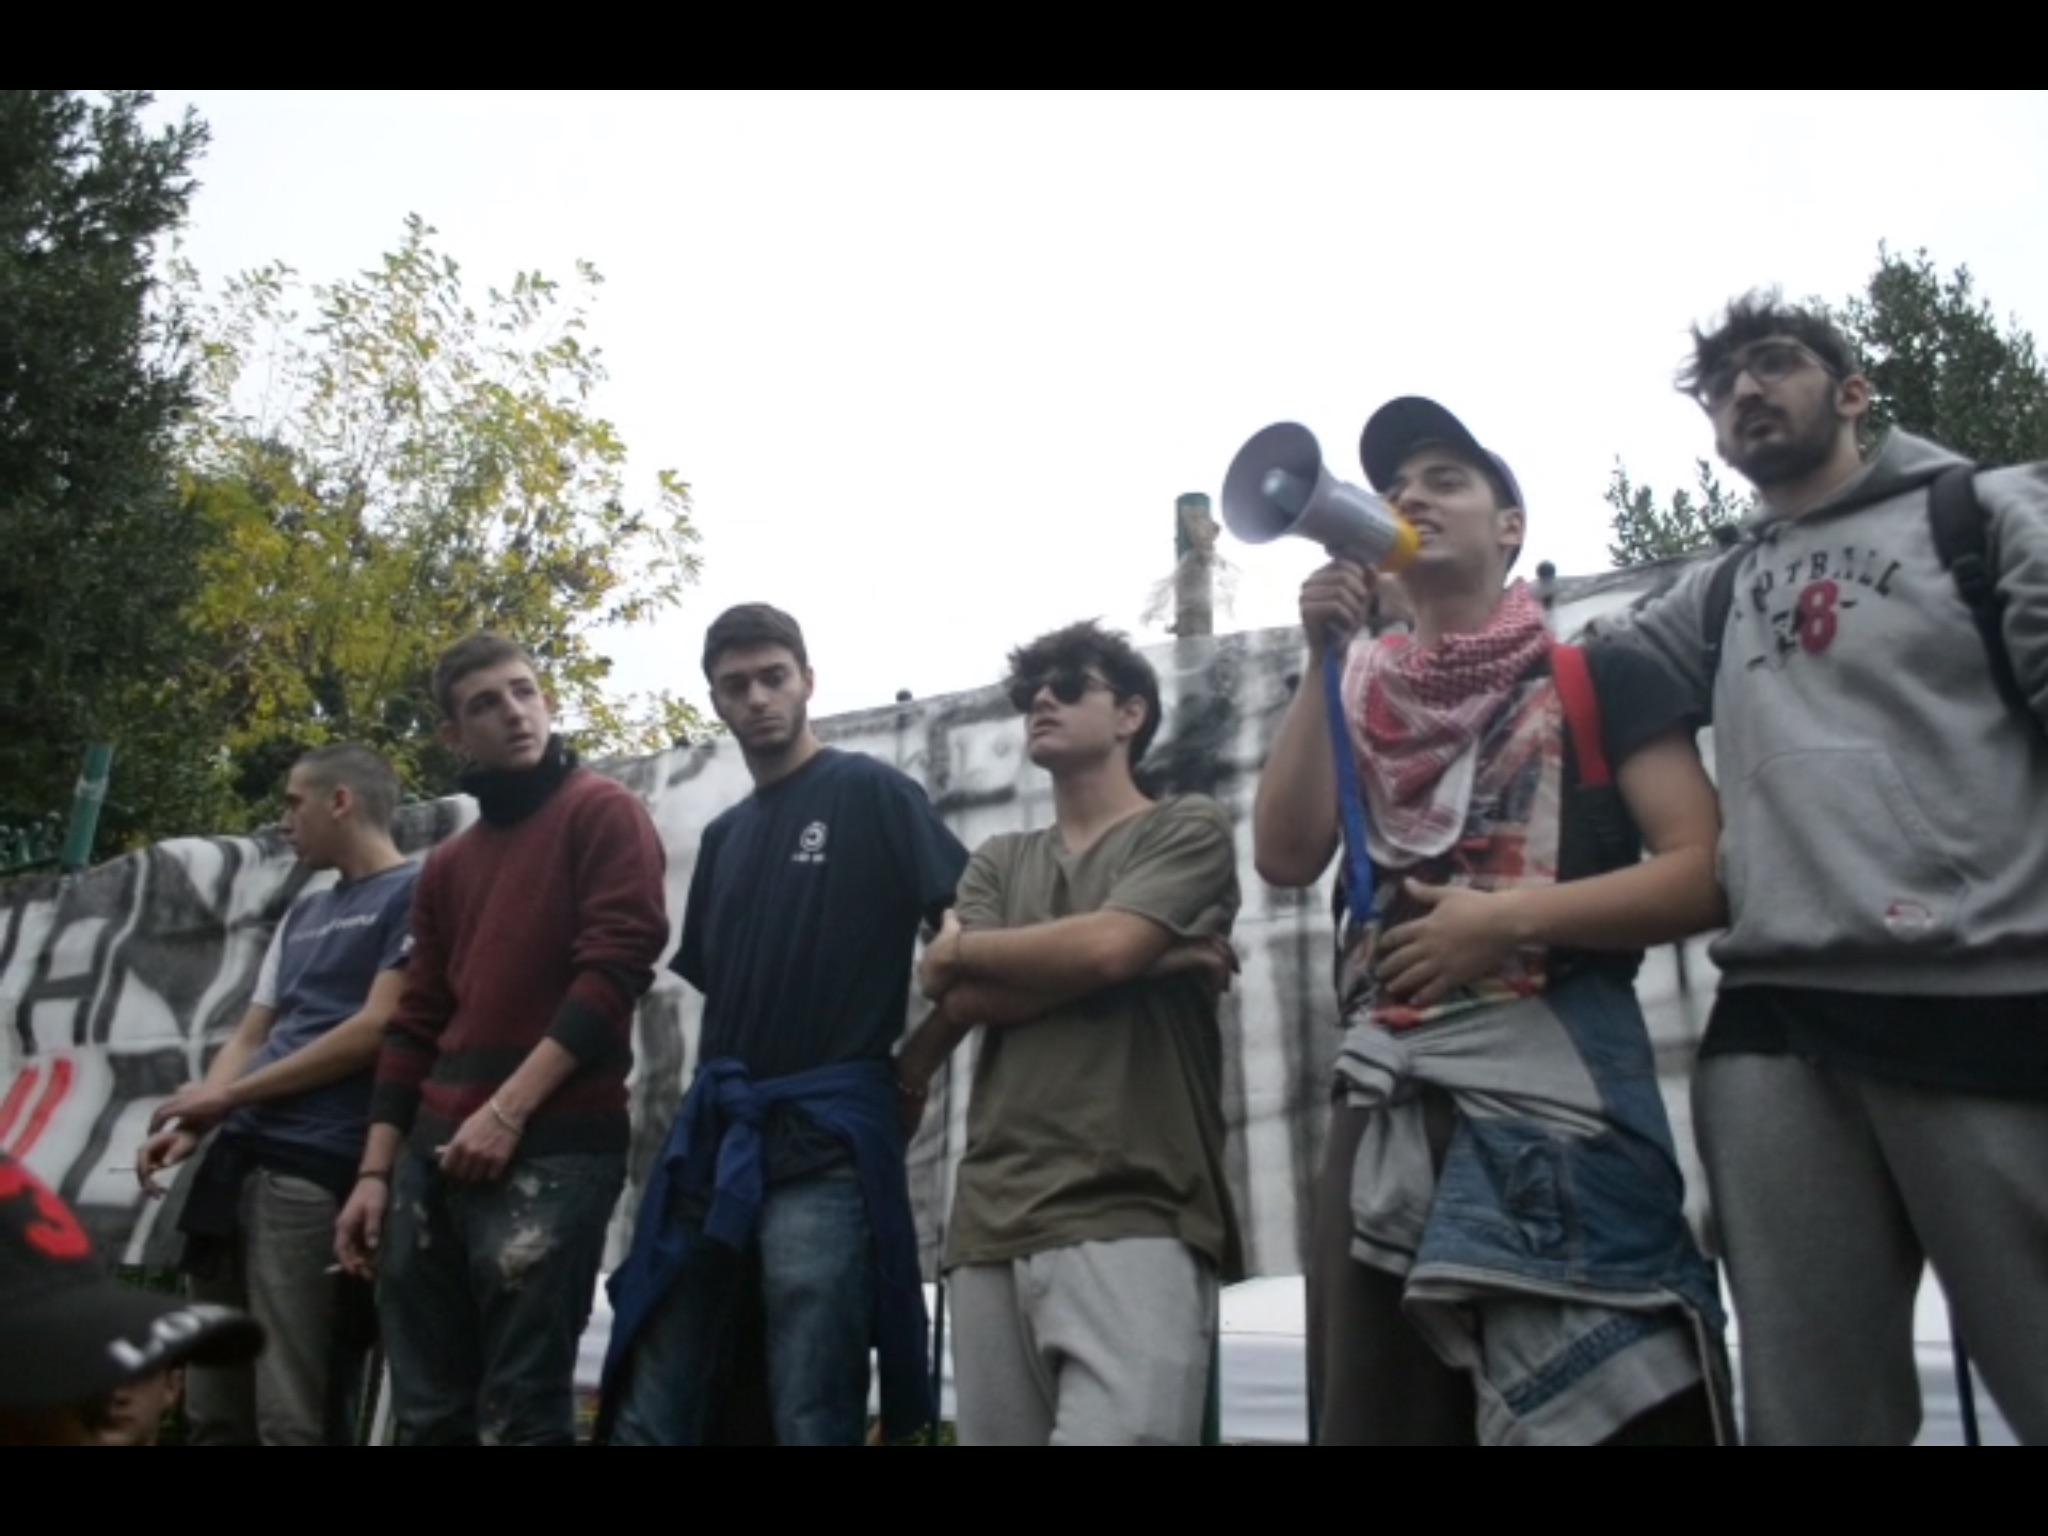 (Video e fotogallery) Studenti vesuviani in protesta a Portici contro la Buona Scuola.